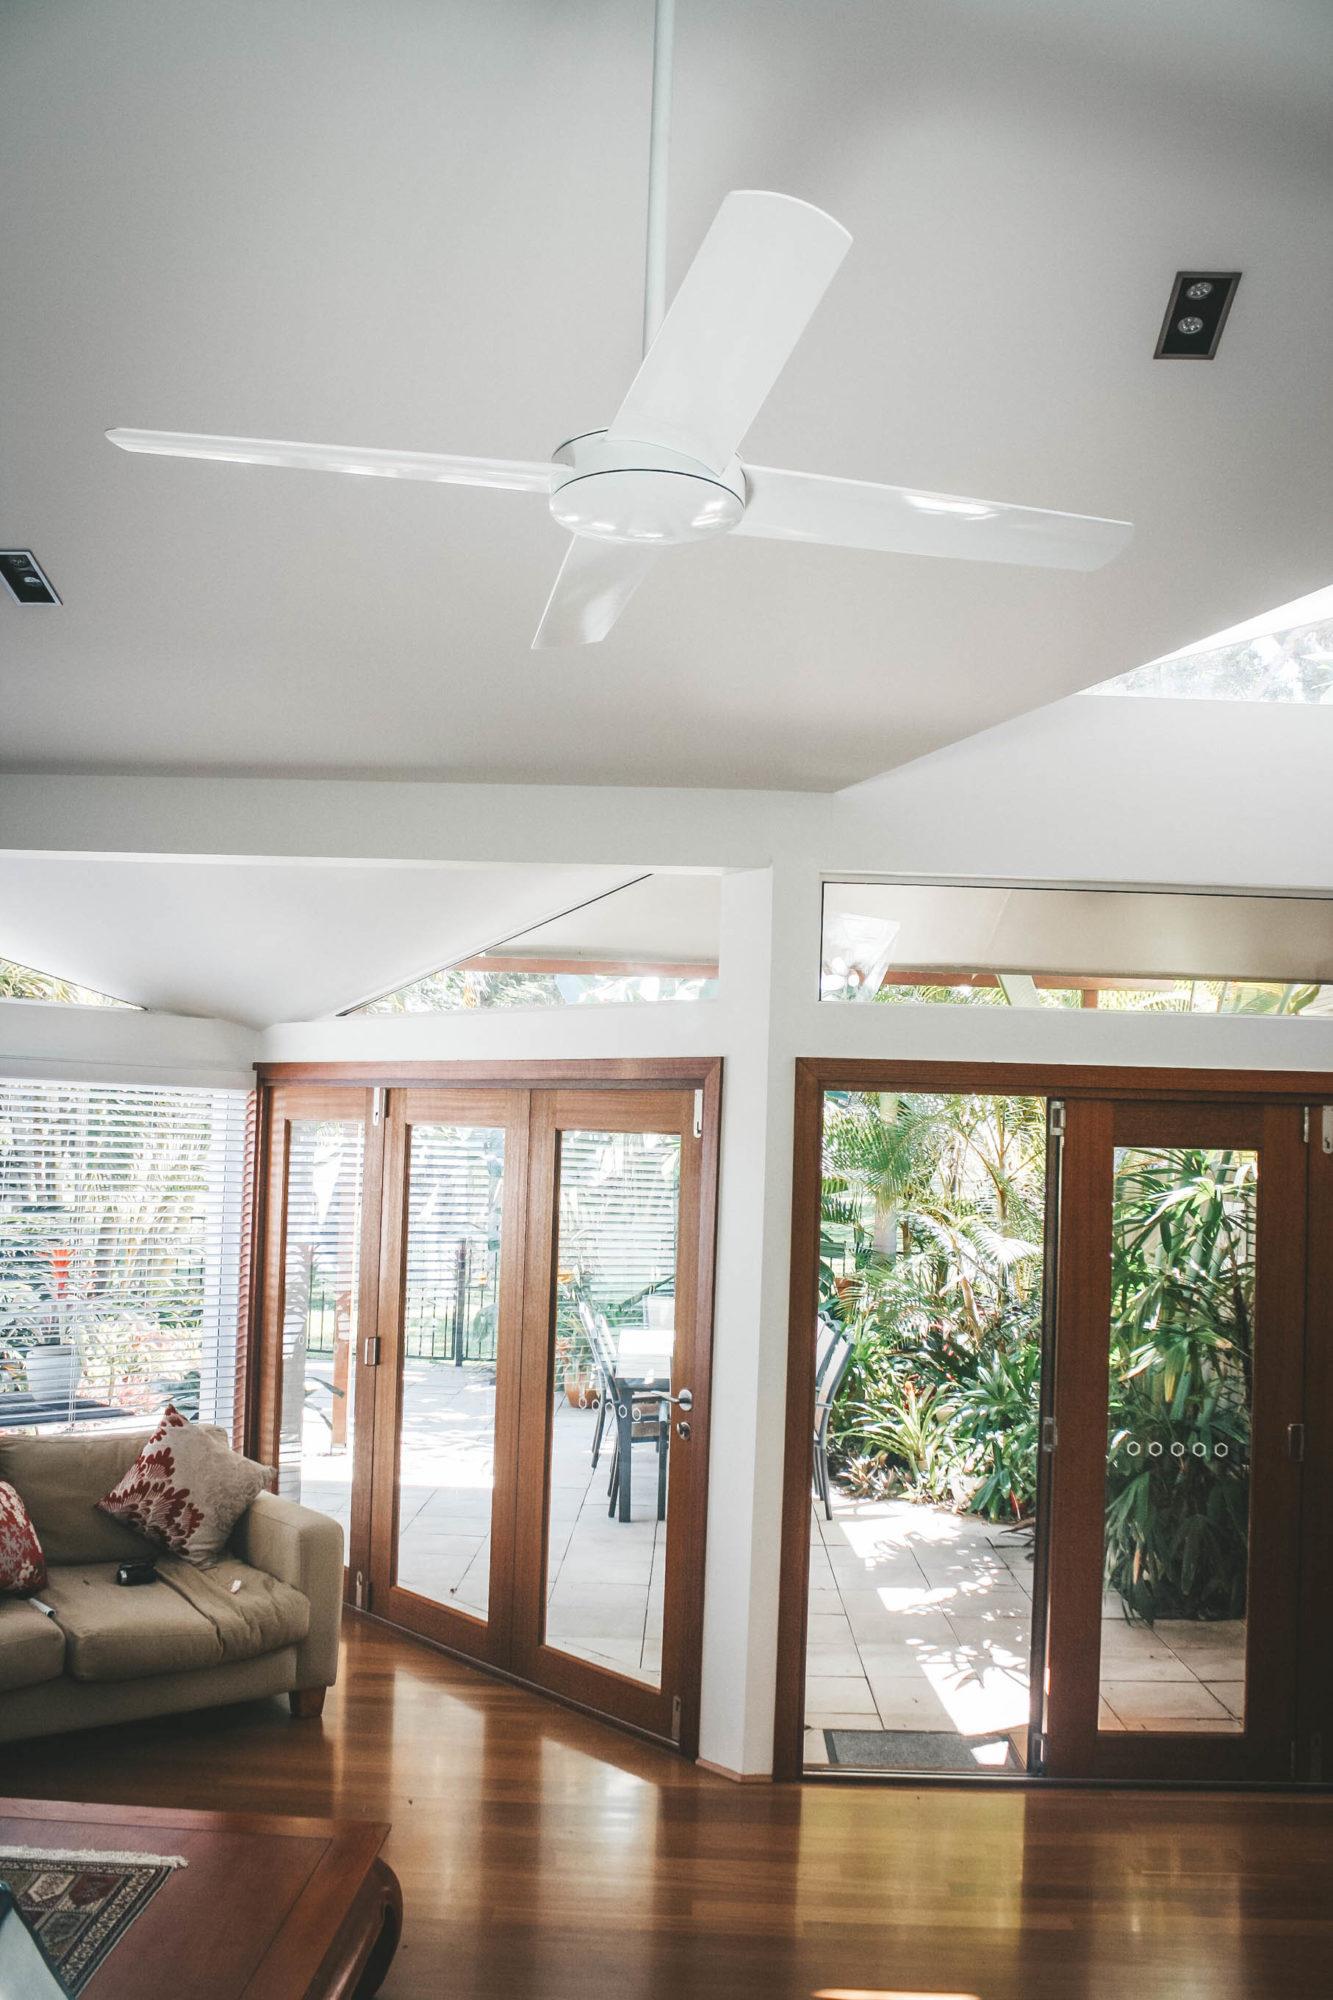 Aspire Ceiling Fan 6